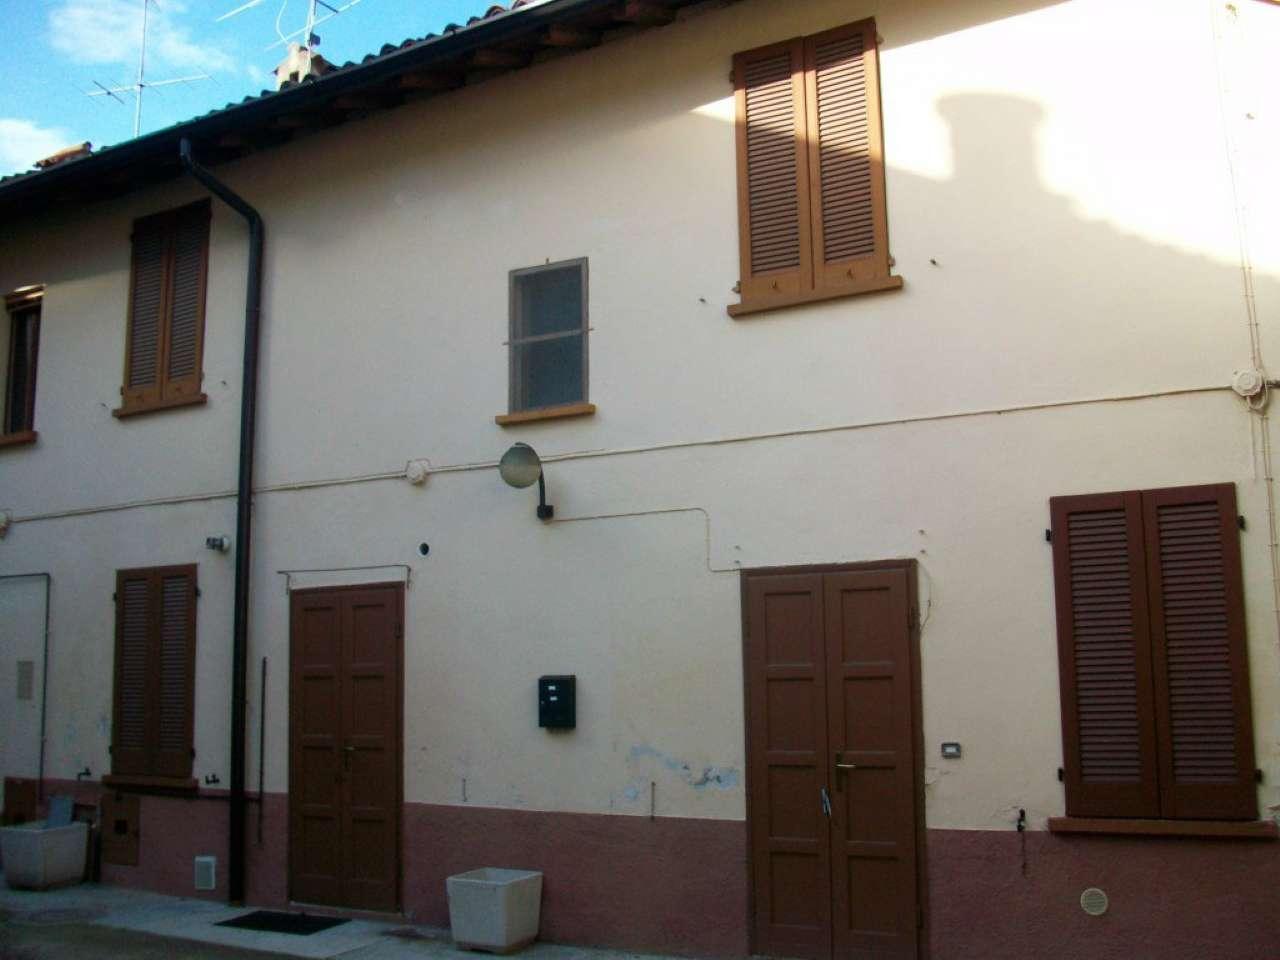 Soluzione Indipendente in vendita a Casorate Primo, 3 locali, prezzo € 98.000   Cambio Casa.it